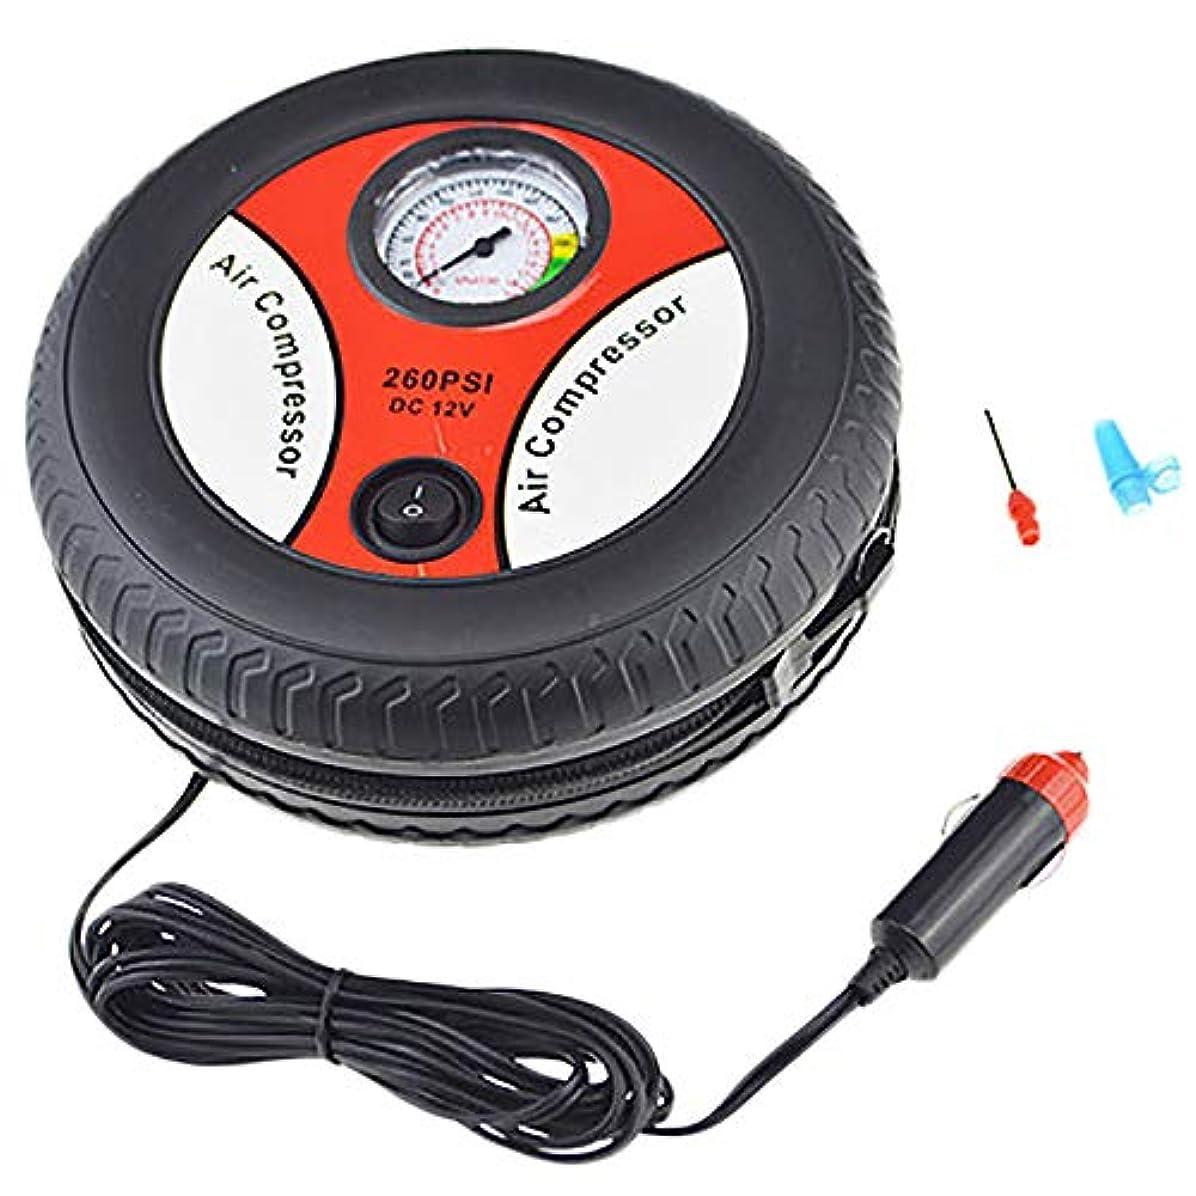 未亡人秀でる不注意Semoic タイヤインフレータカーエアーポンプコンプレッサー電気携帯用自動12Vボルト260 Psi